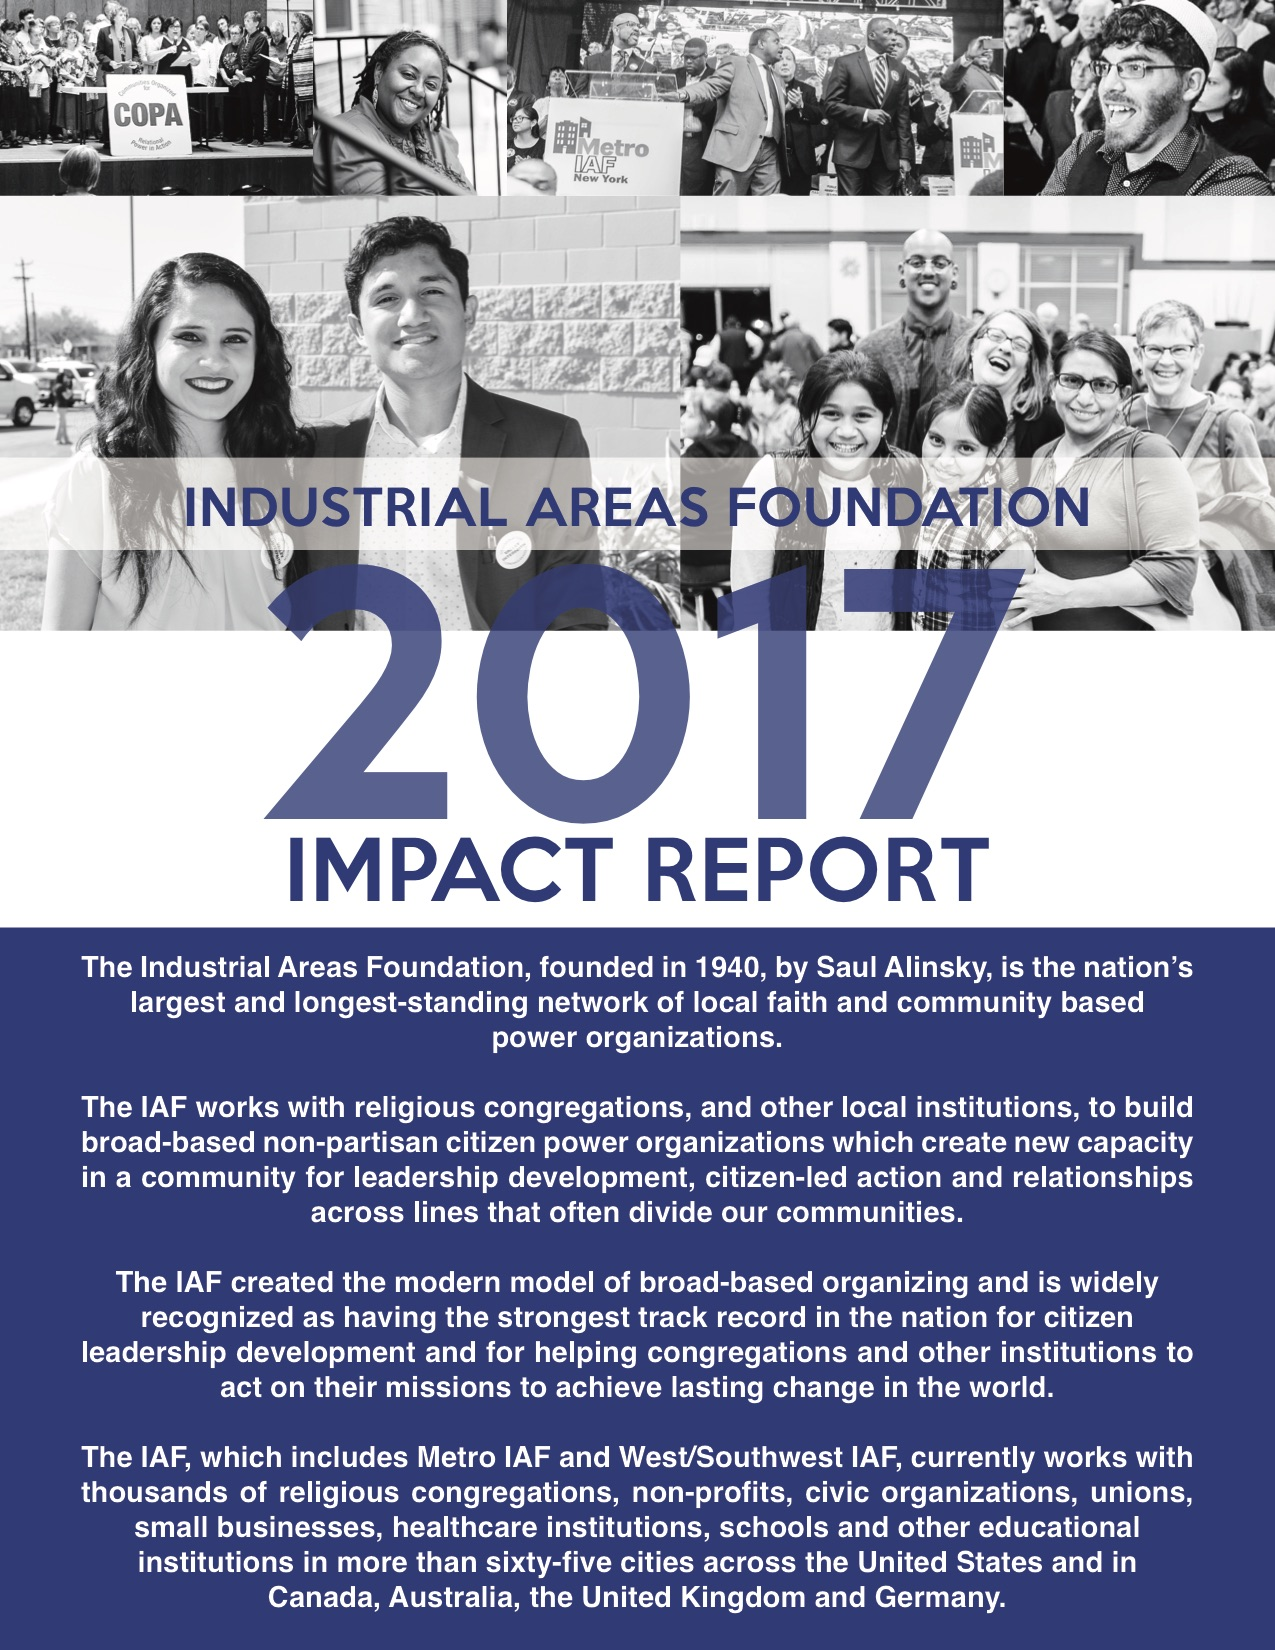 IAF_2017_Impact_Report_150ppi.jpg